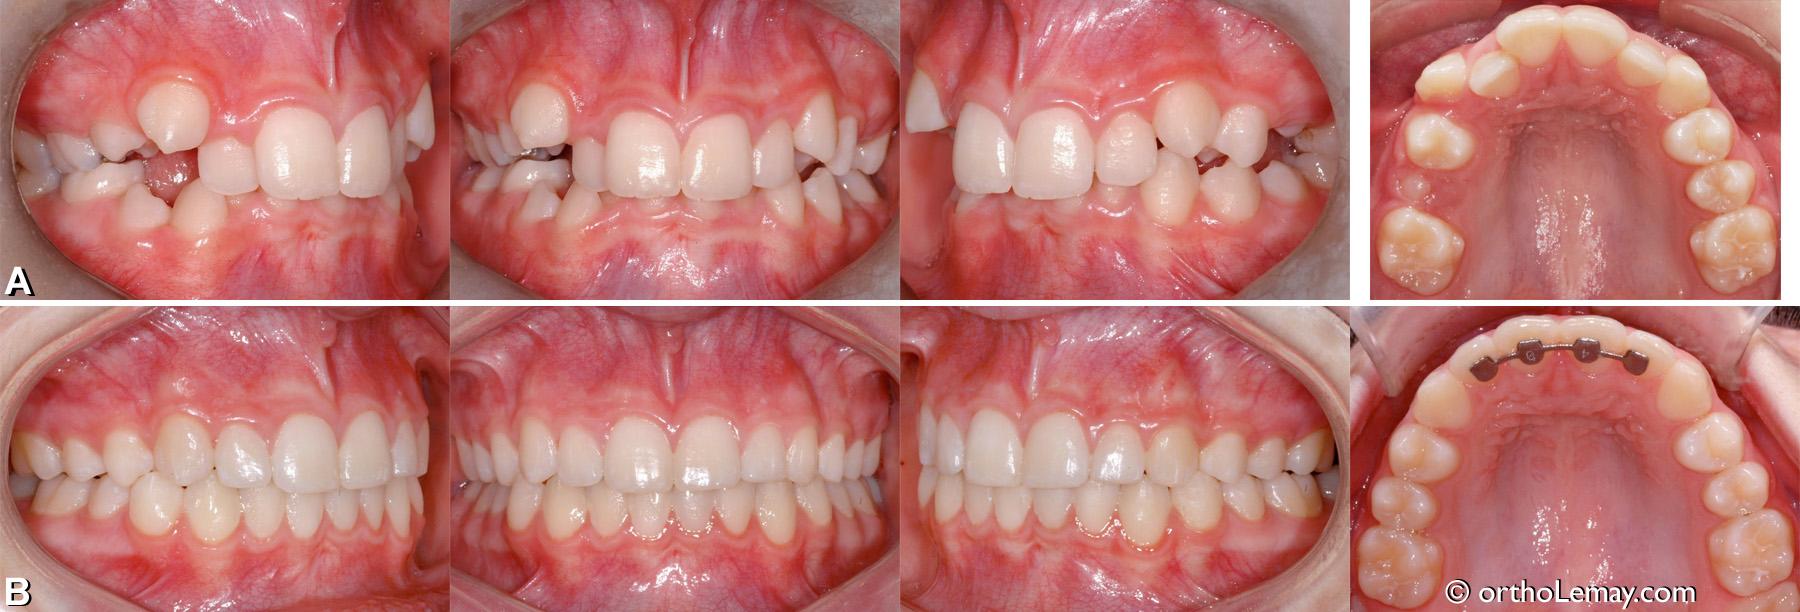 Malocclusion dentaire classe 2, chevauchement dentaire, supraclusion antérieure.